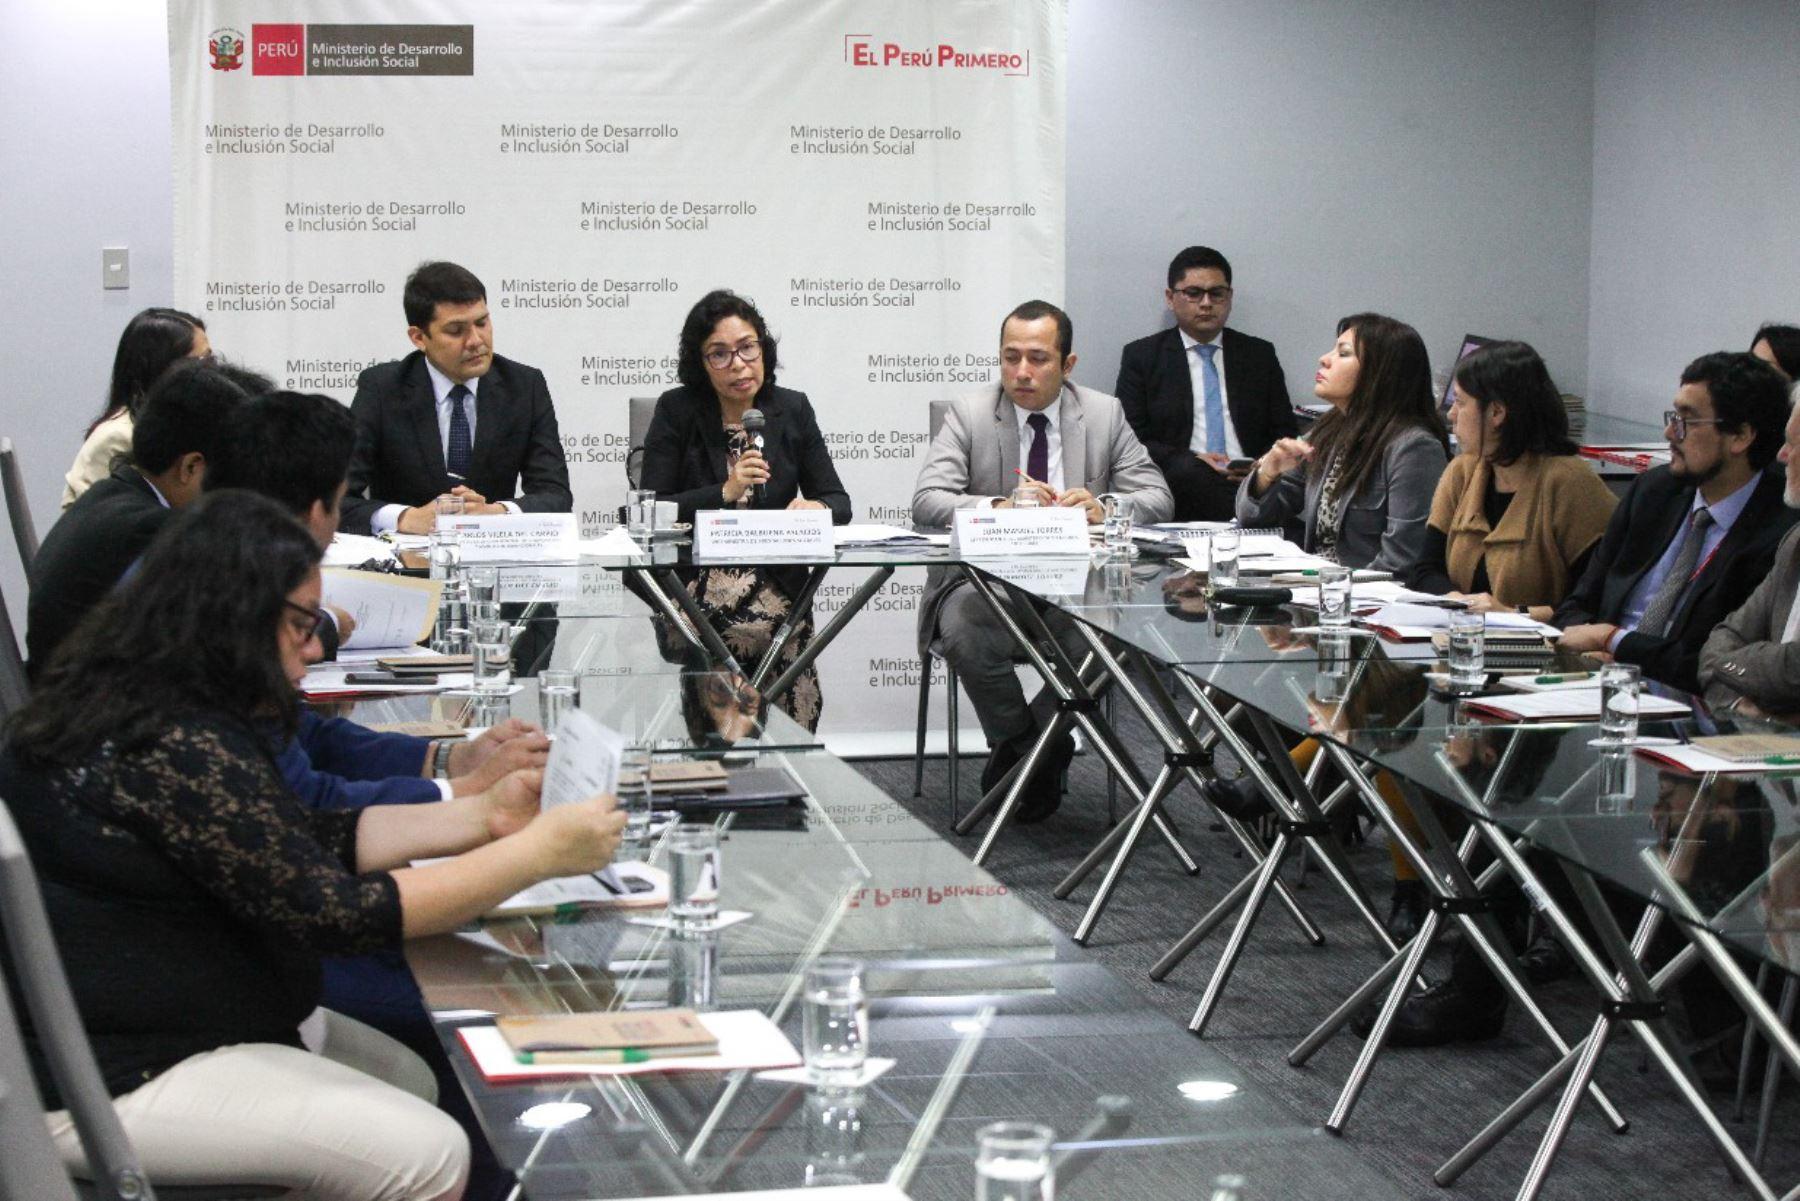 La viceministra de Prestaciones Sociales, Patricia Balbuena, participó en la VII Reunión de Altas Autoridades del Eje de Asuntos Sociales y Culturales Perú-Ecuador 2019.